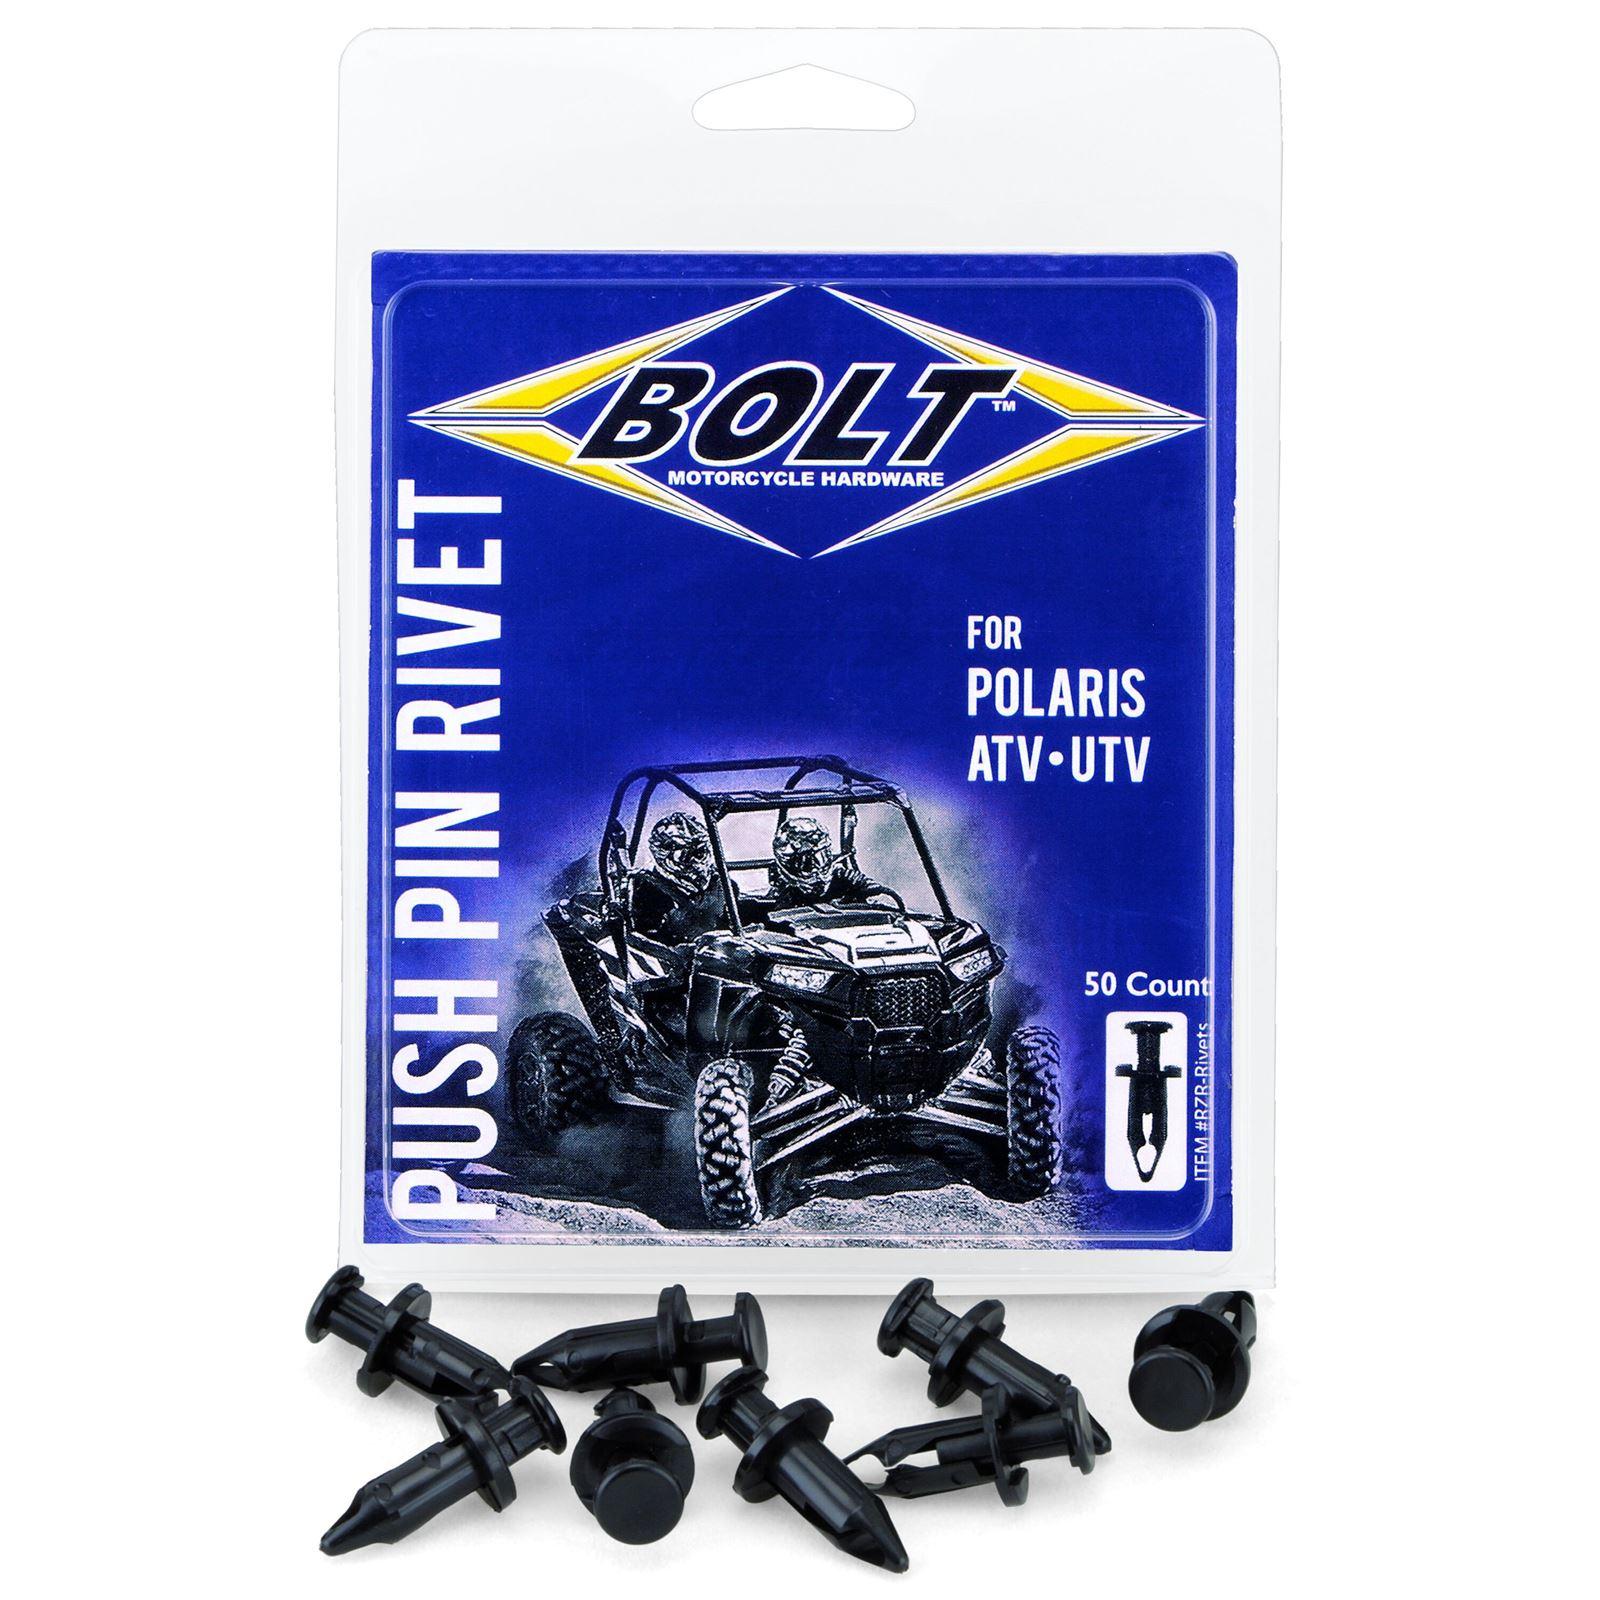 Bolt MC Hardware ATV Nylon Rivet Kits